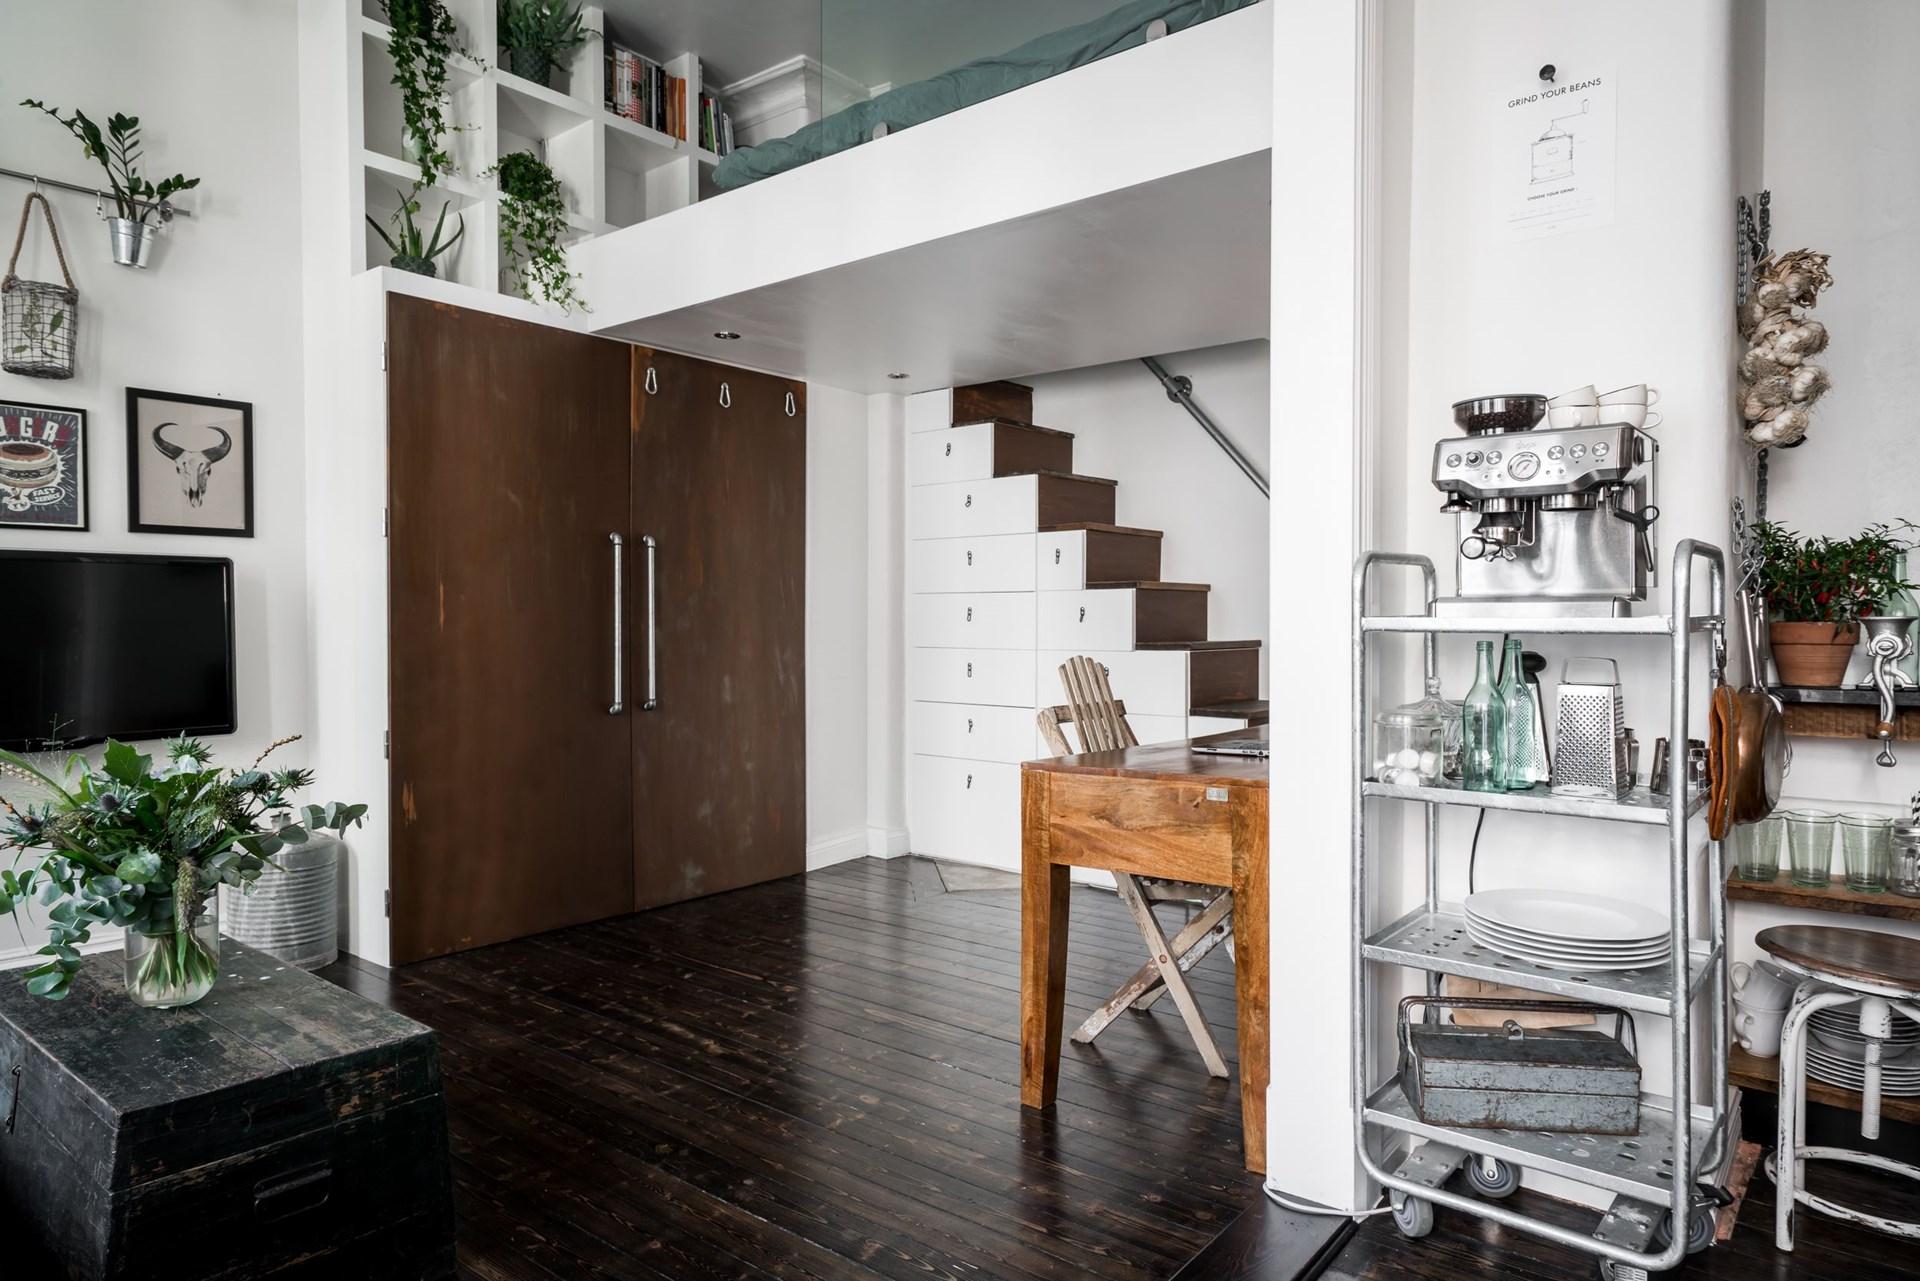 высокий потолок антресоли лестница шкаф